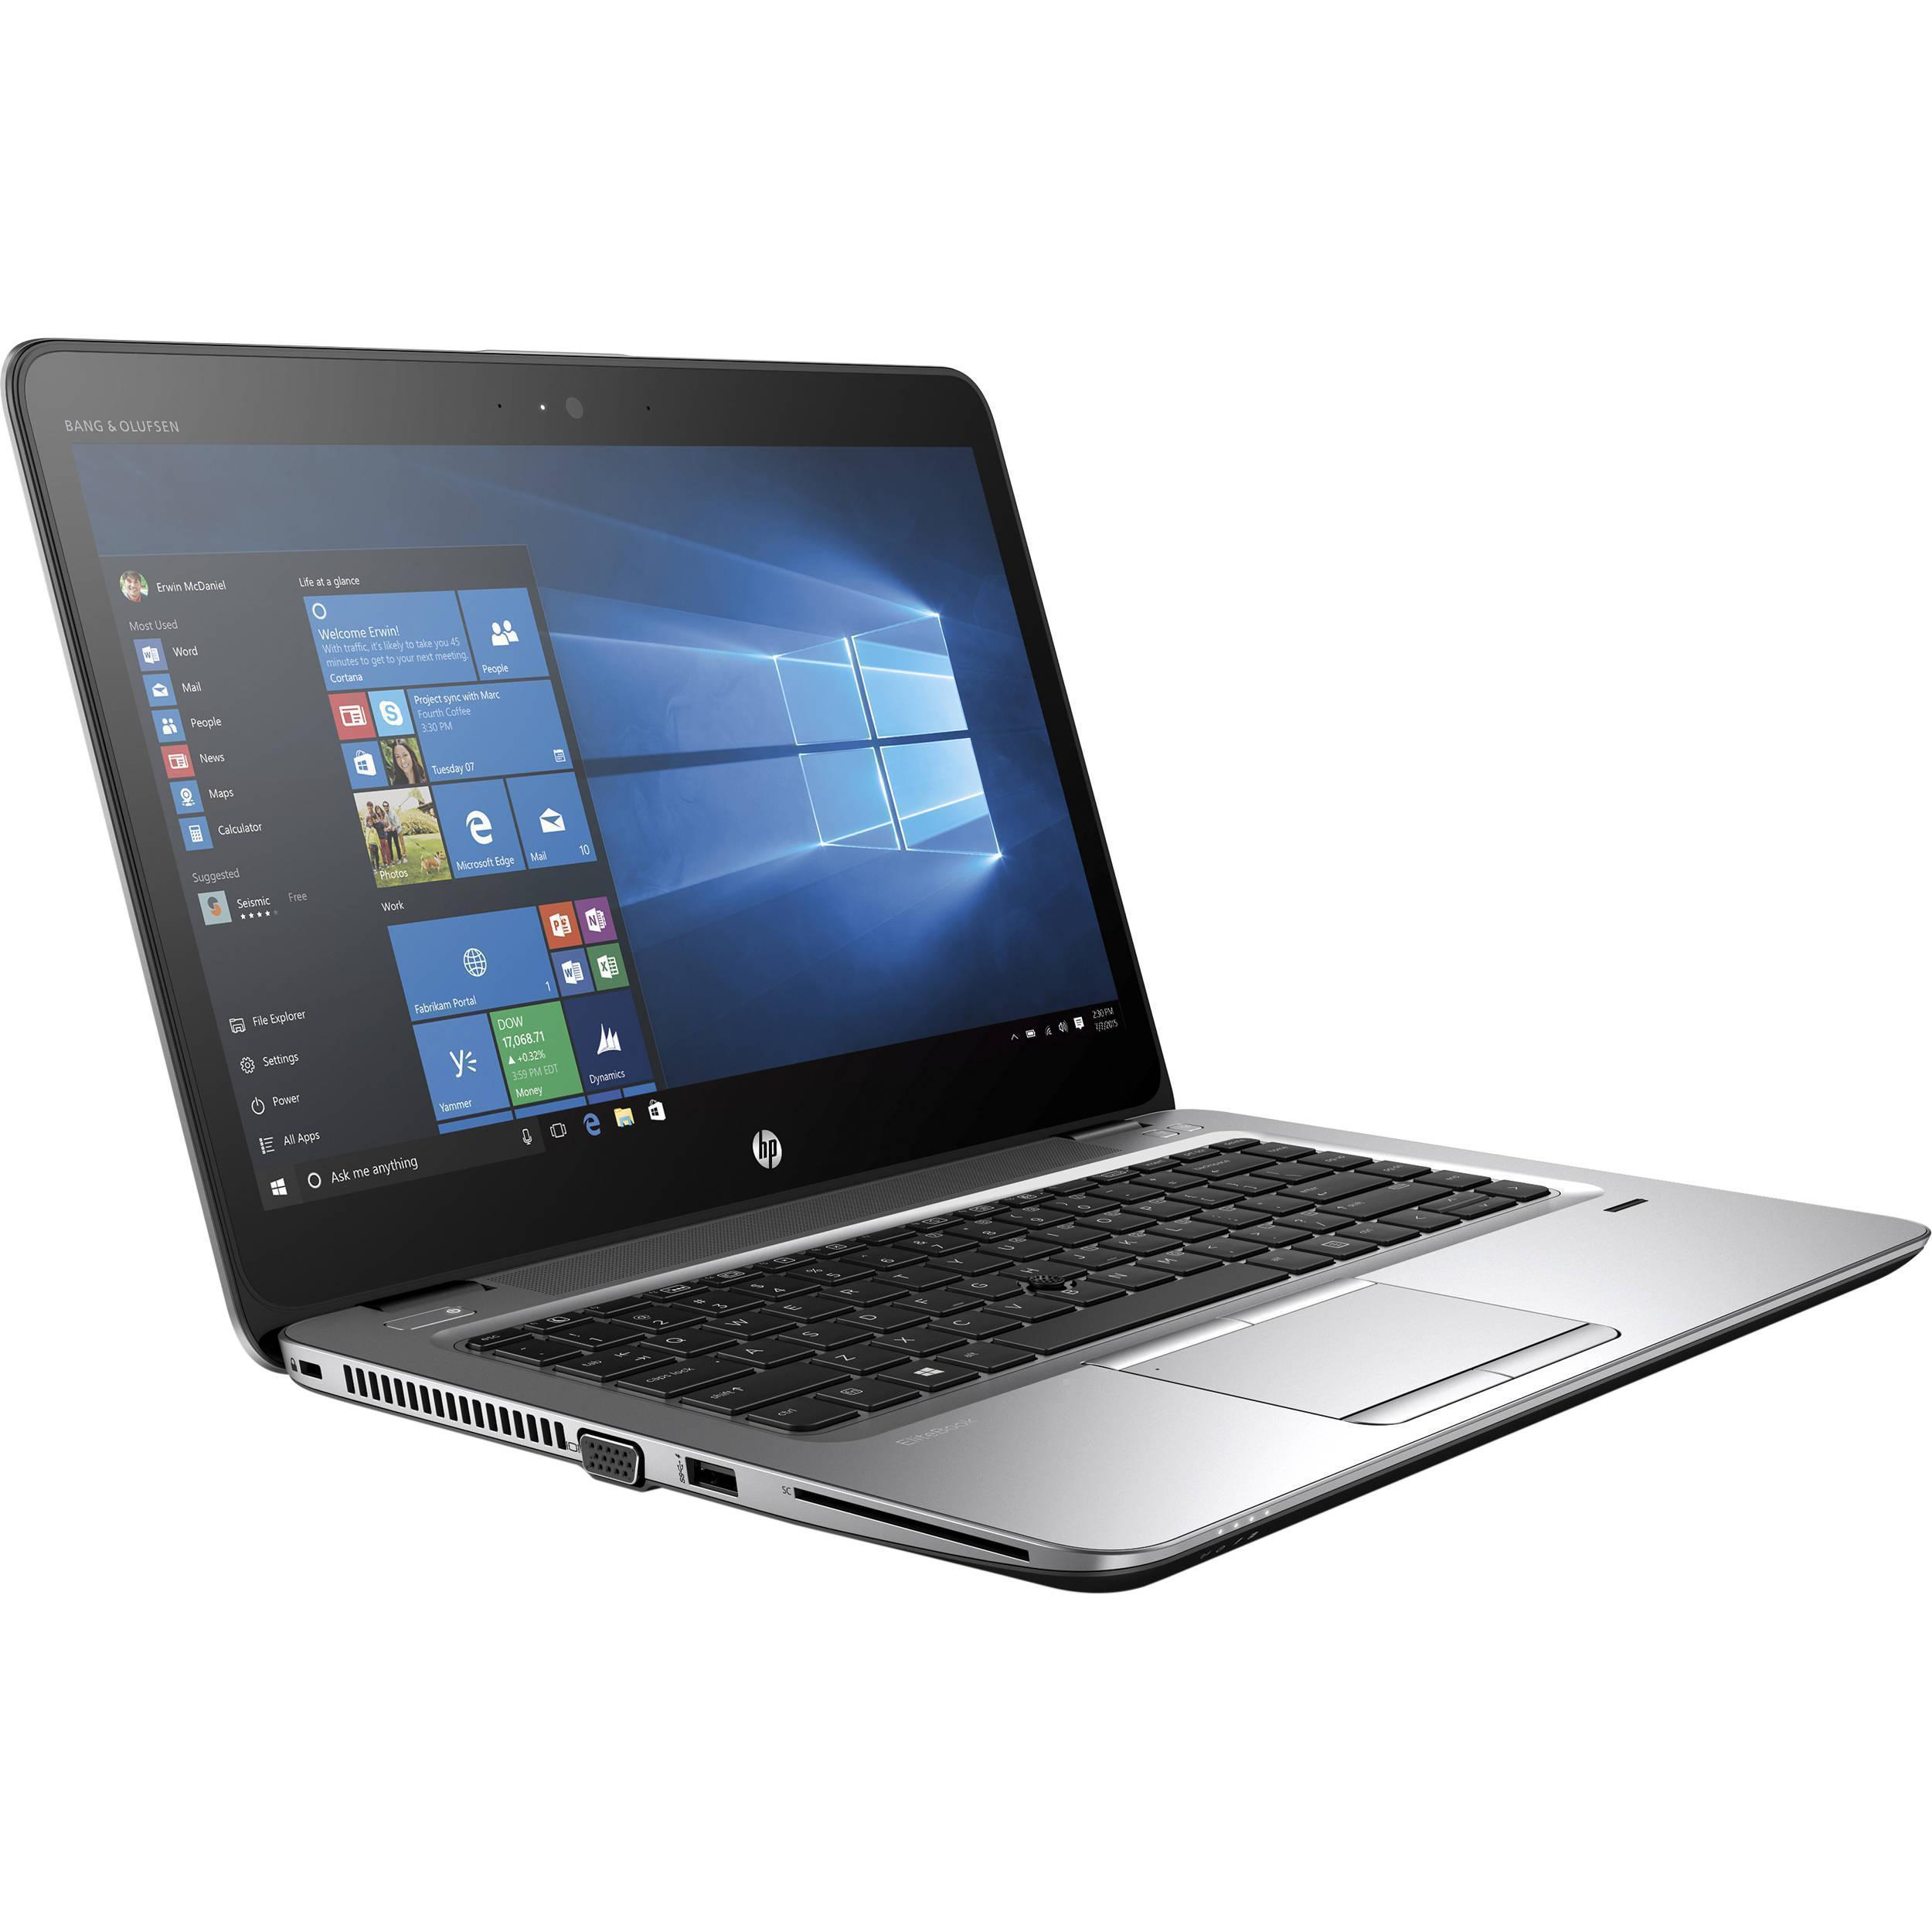 HP EliteBook 840 G2 14-inch (2014) - Core i5-5200U - 16GB - HDD 320 GB AZERTY - French